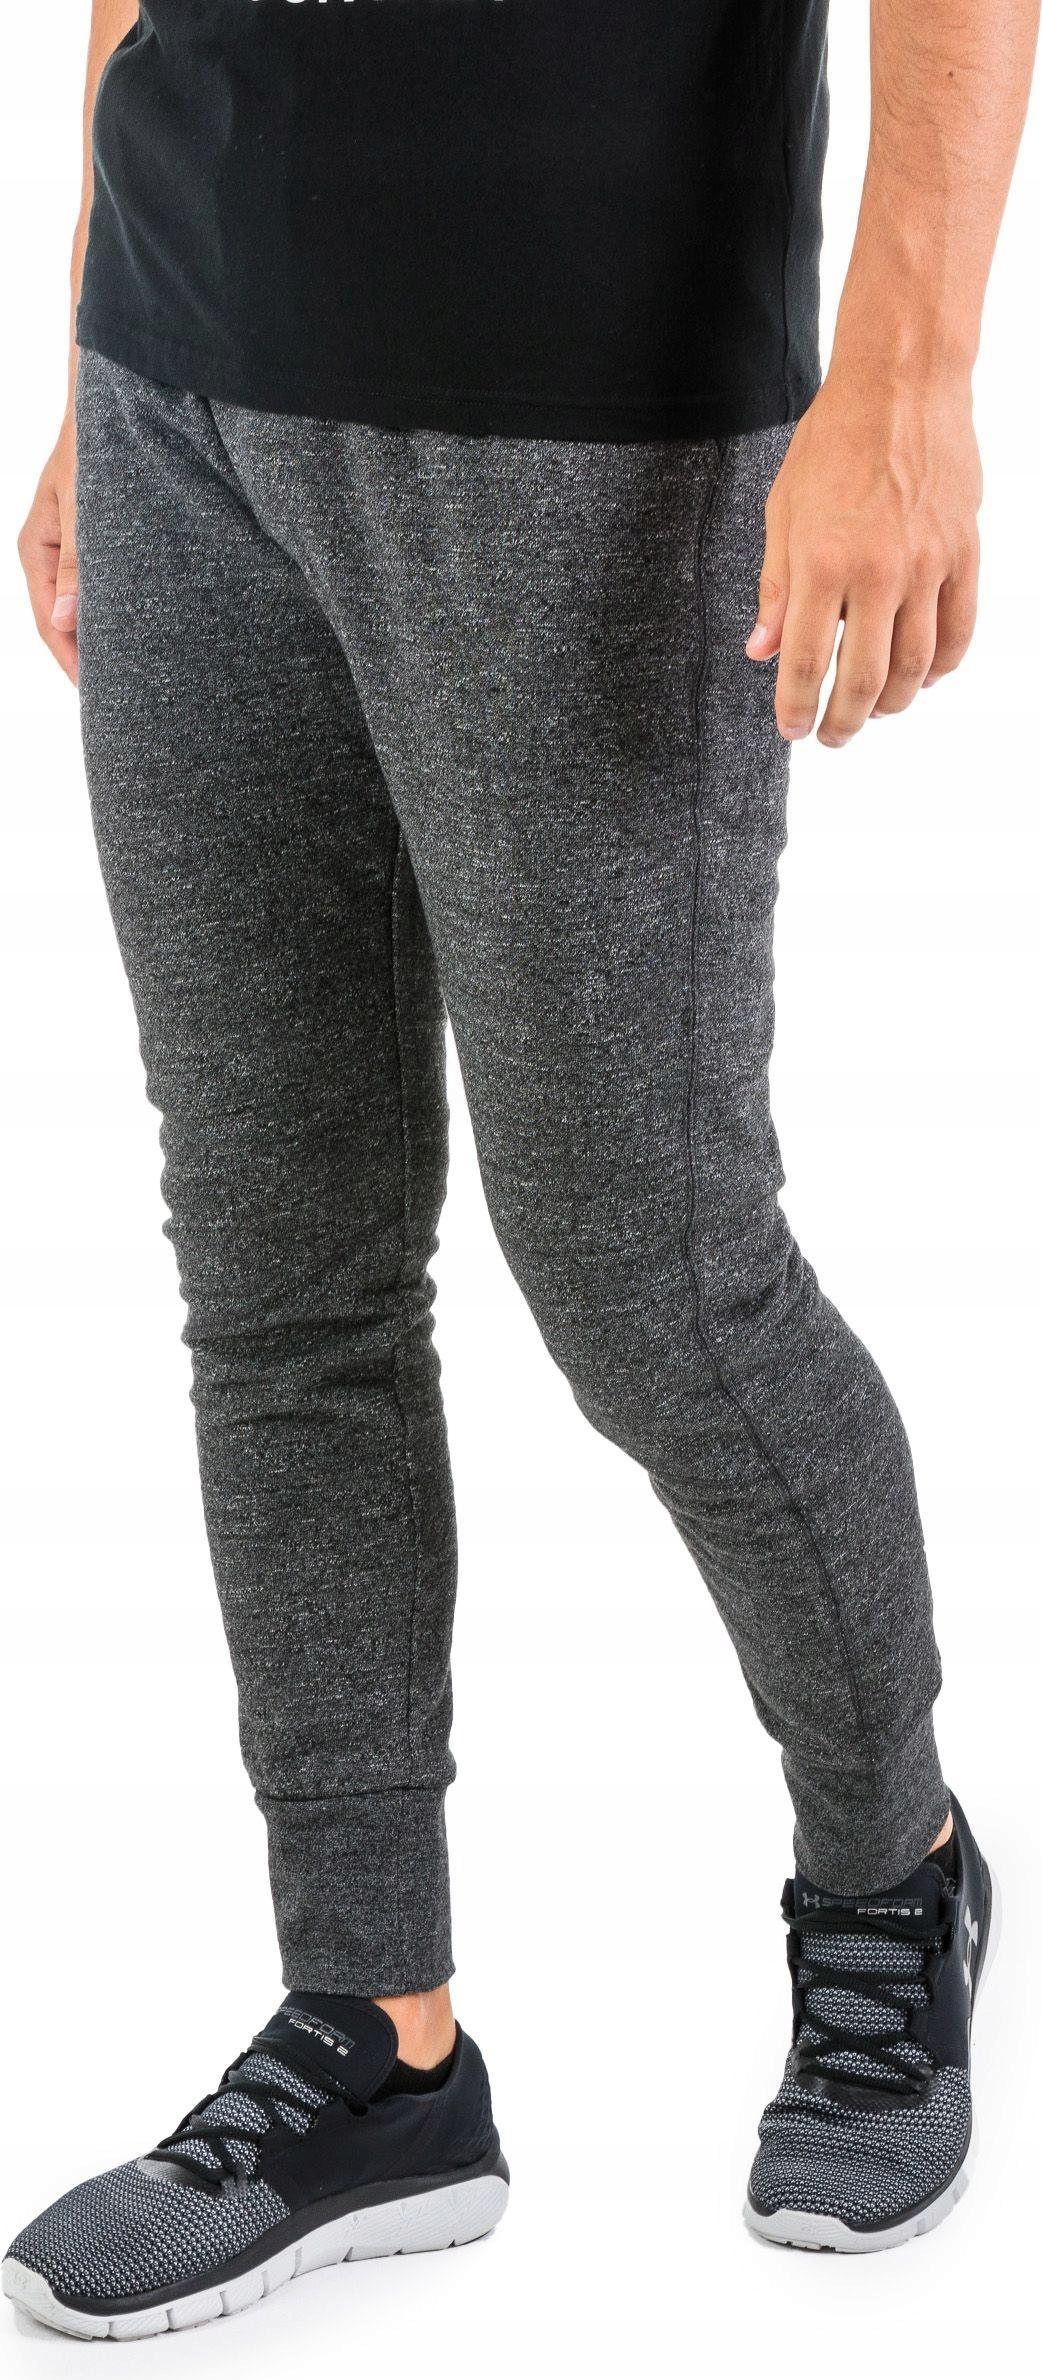 4F Spodnie męskie dresowe H4 SPMD005 r. XL